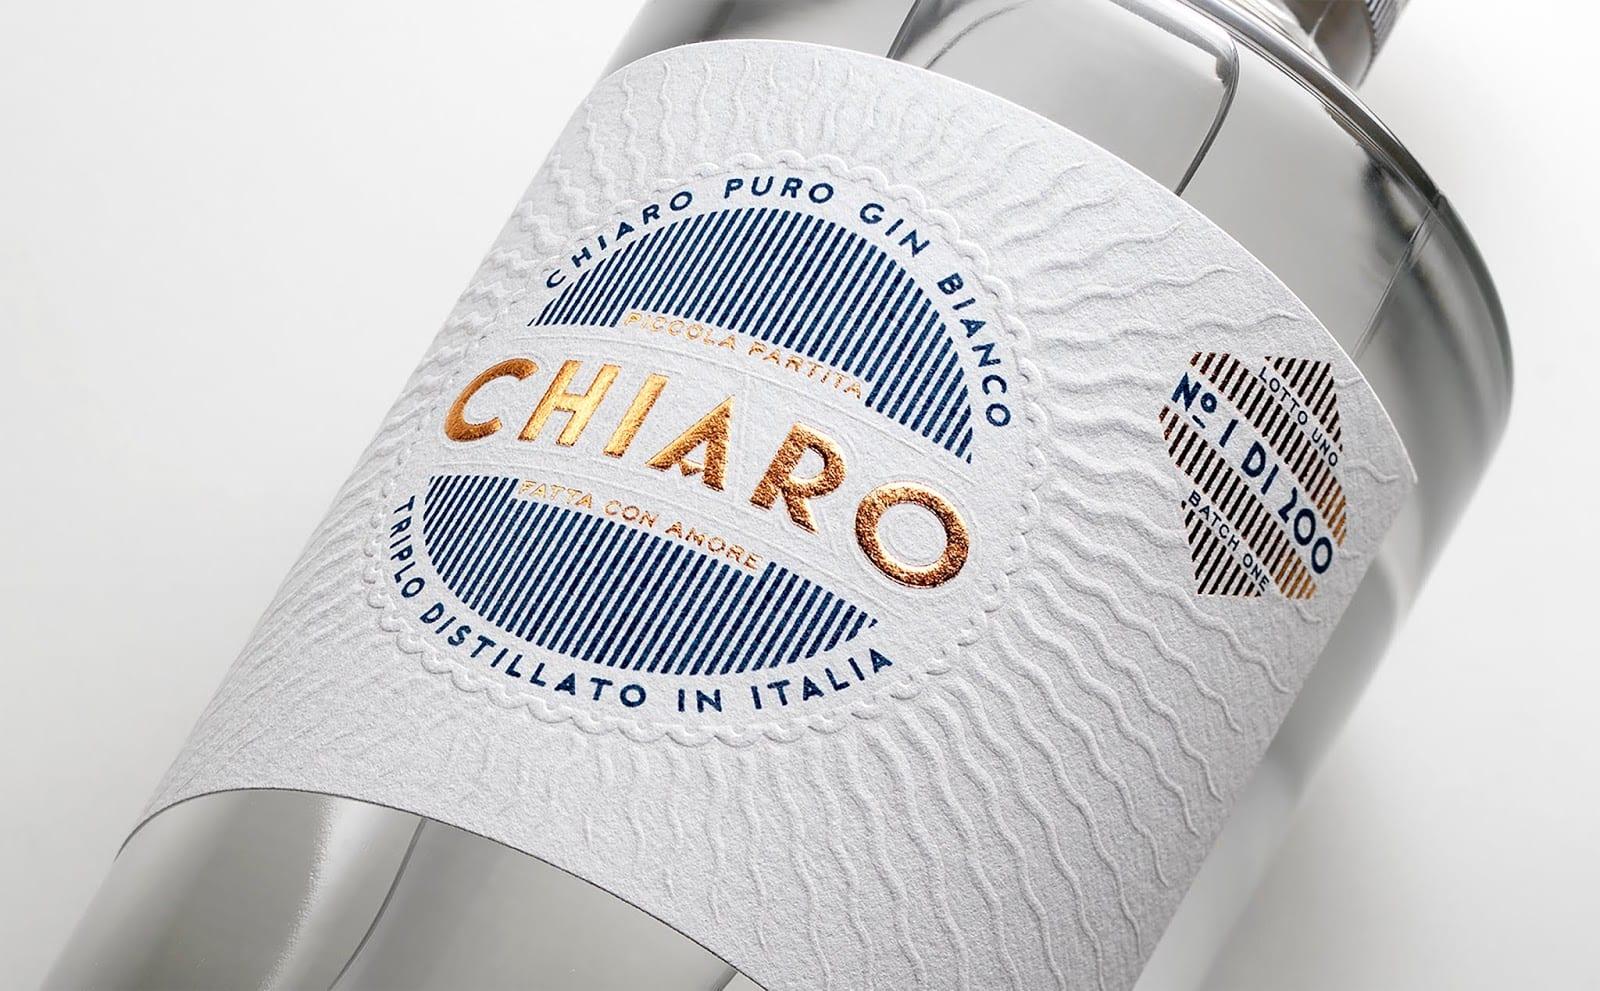 harcus chiaro gin 7 - Ach, tie obaly - Chiaro Gin